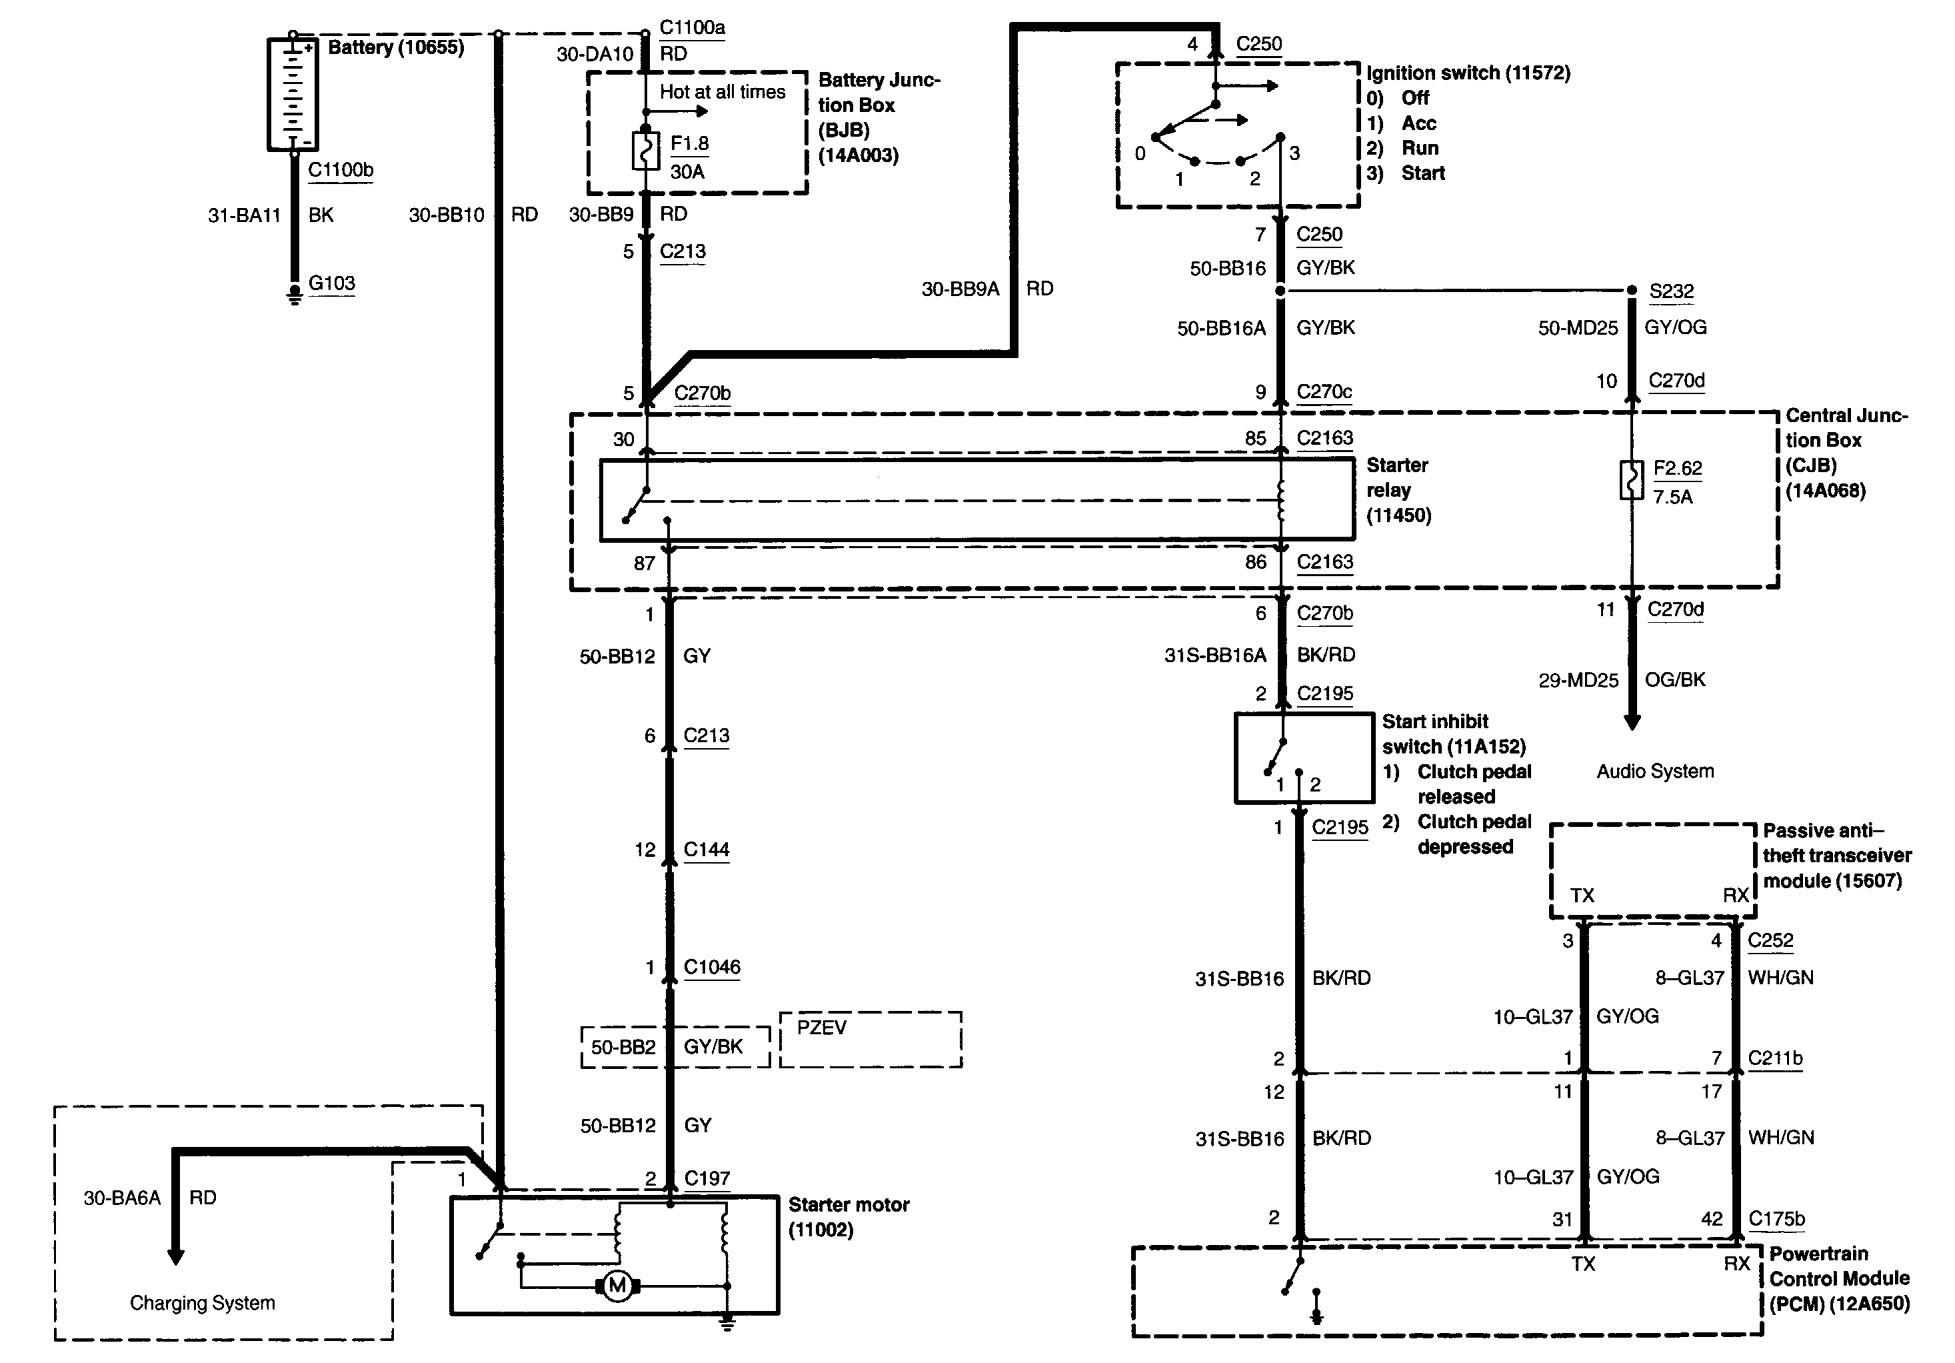 2007 Focus SES manual won't start-2005-starting.jpg